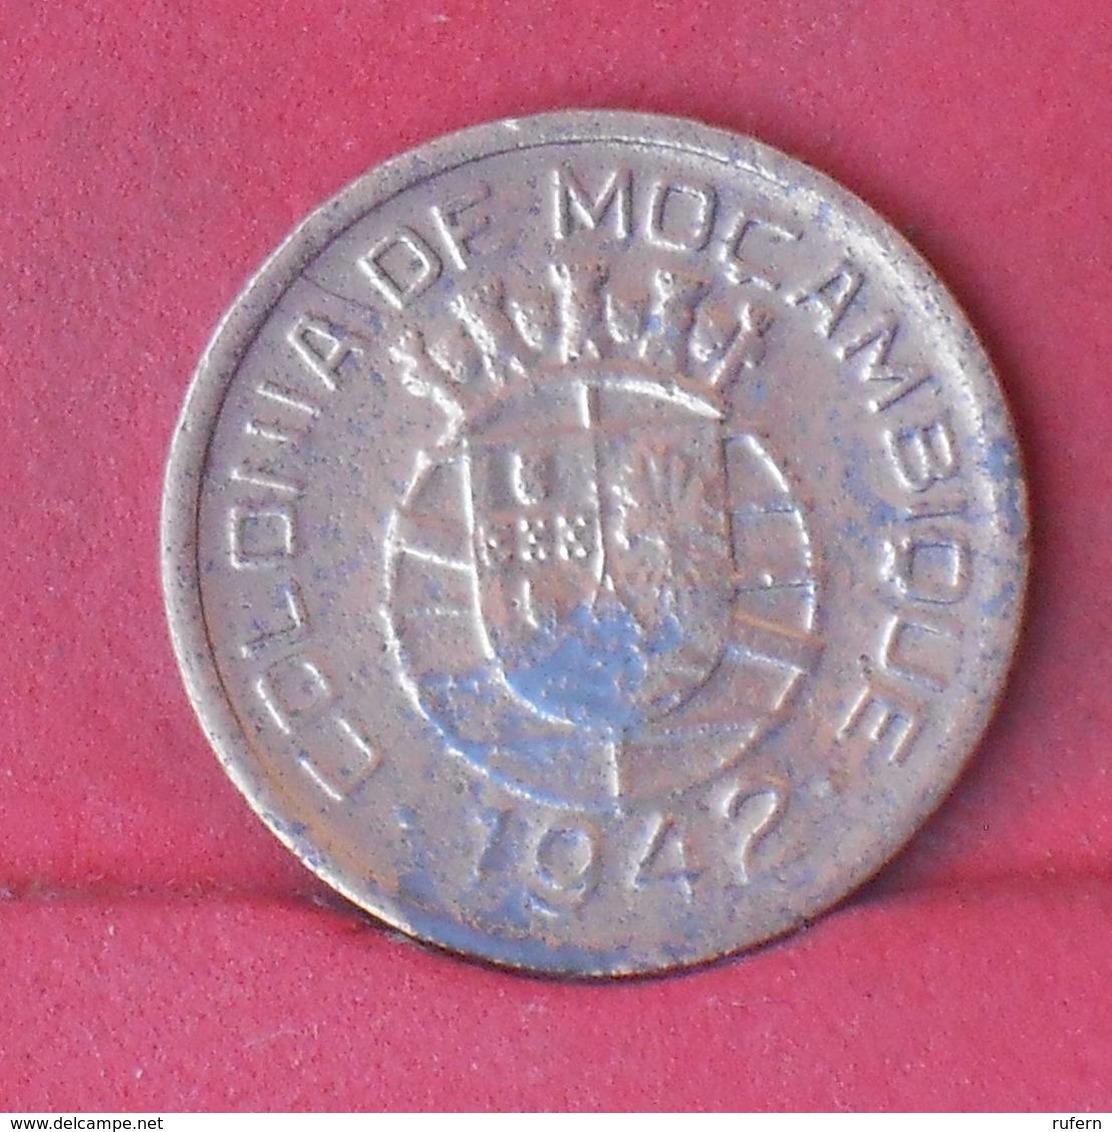 MOZAMBIQUE 10 CENTAVOS 1942 -    KM# 72 - (Nº29264) - Mozambique